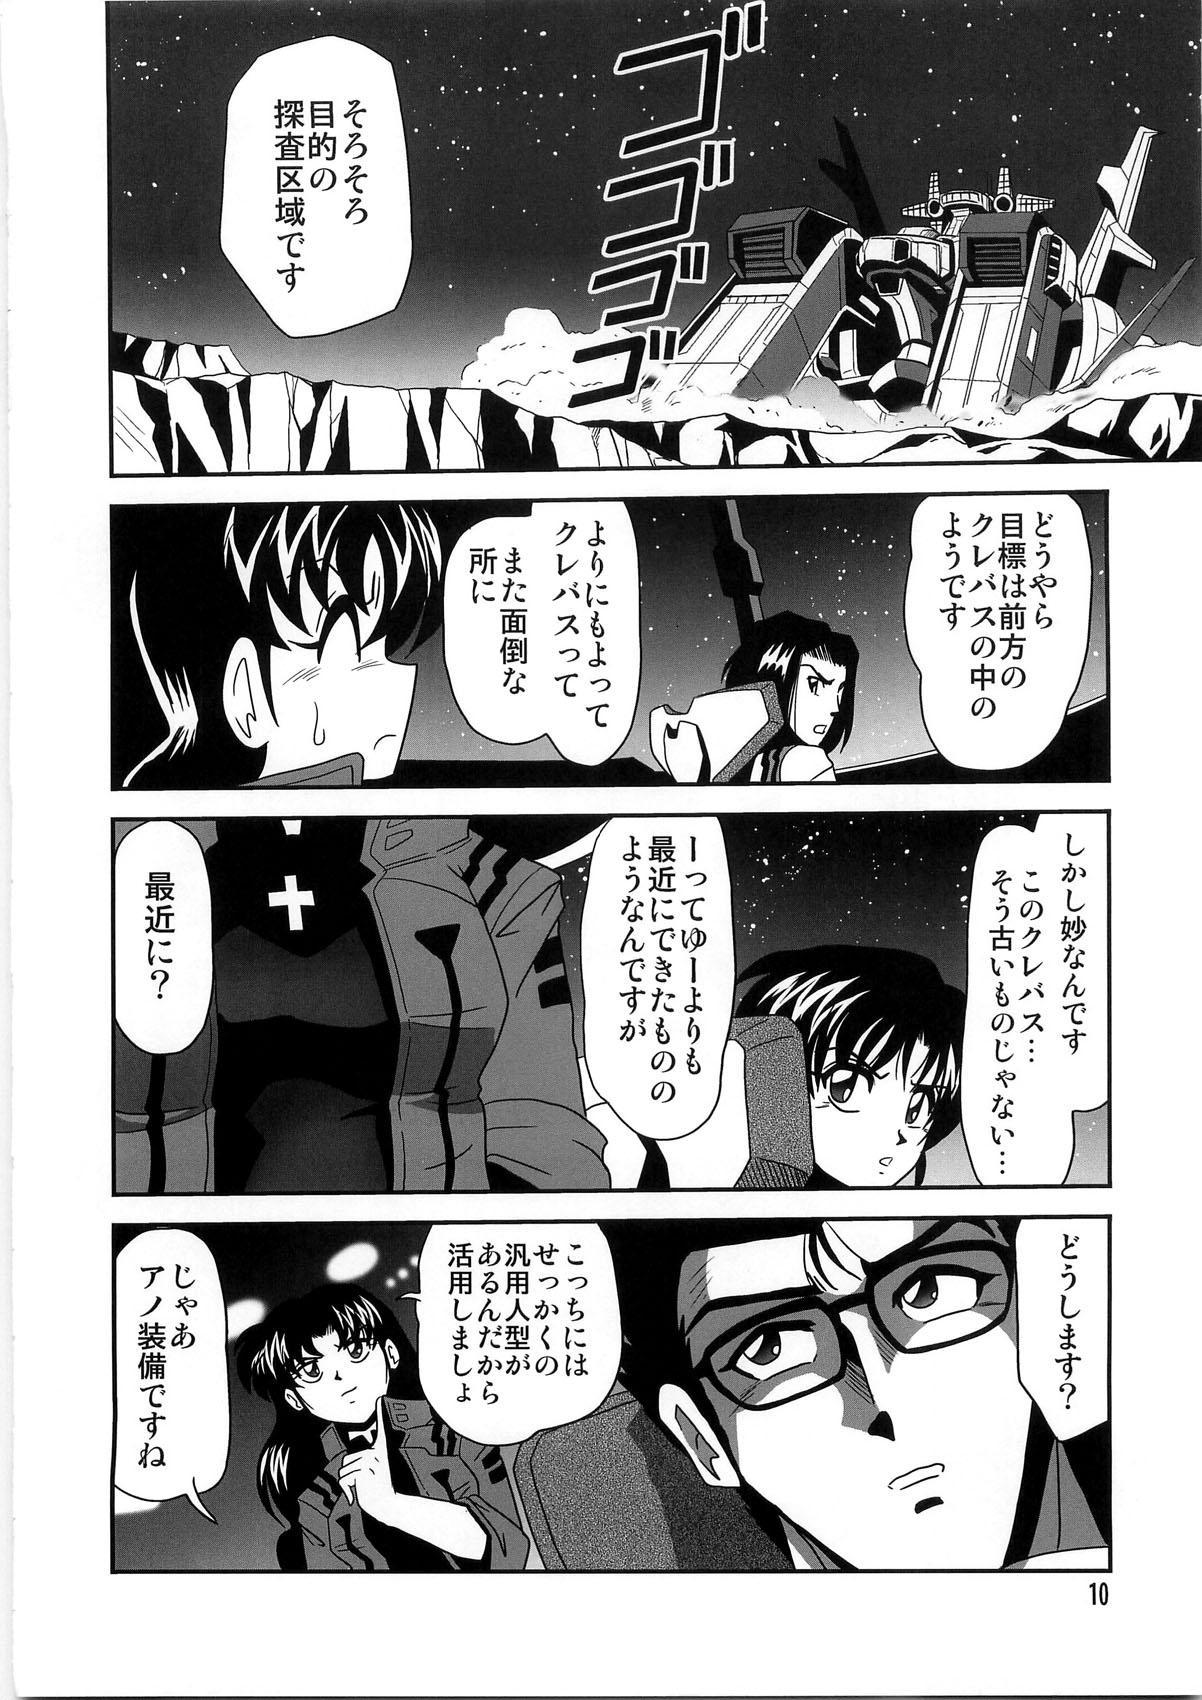 Second Uchuu Keikaku 4 9